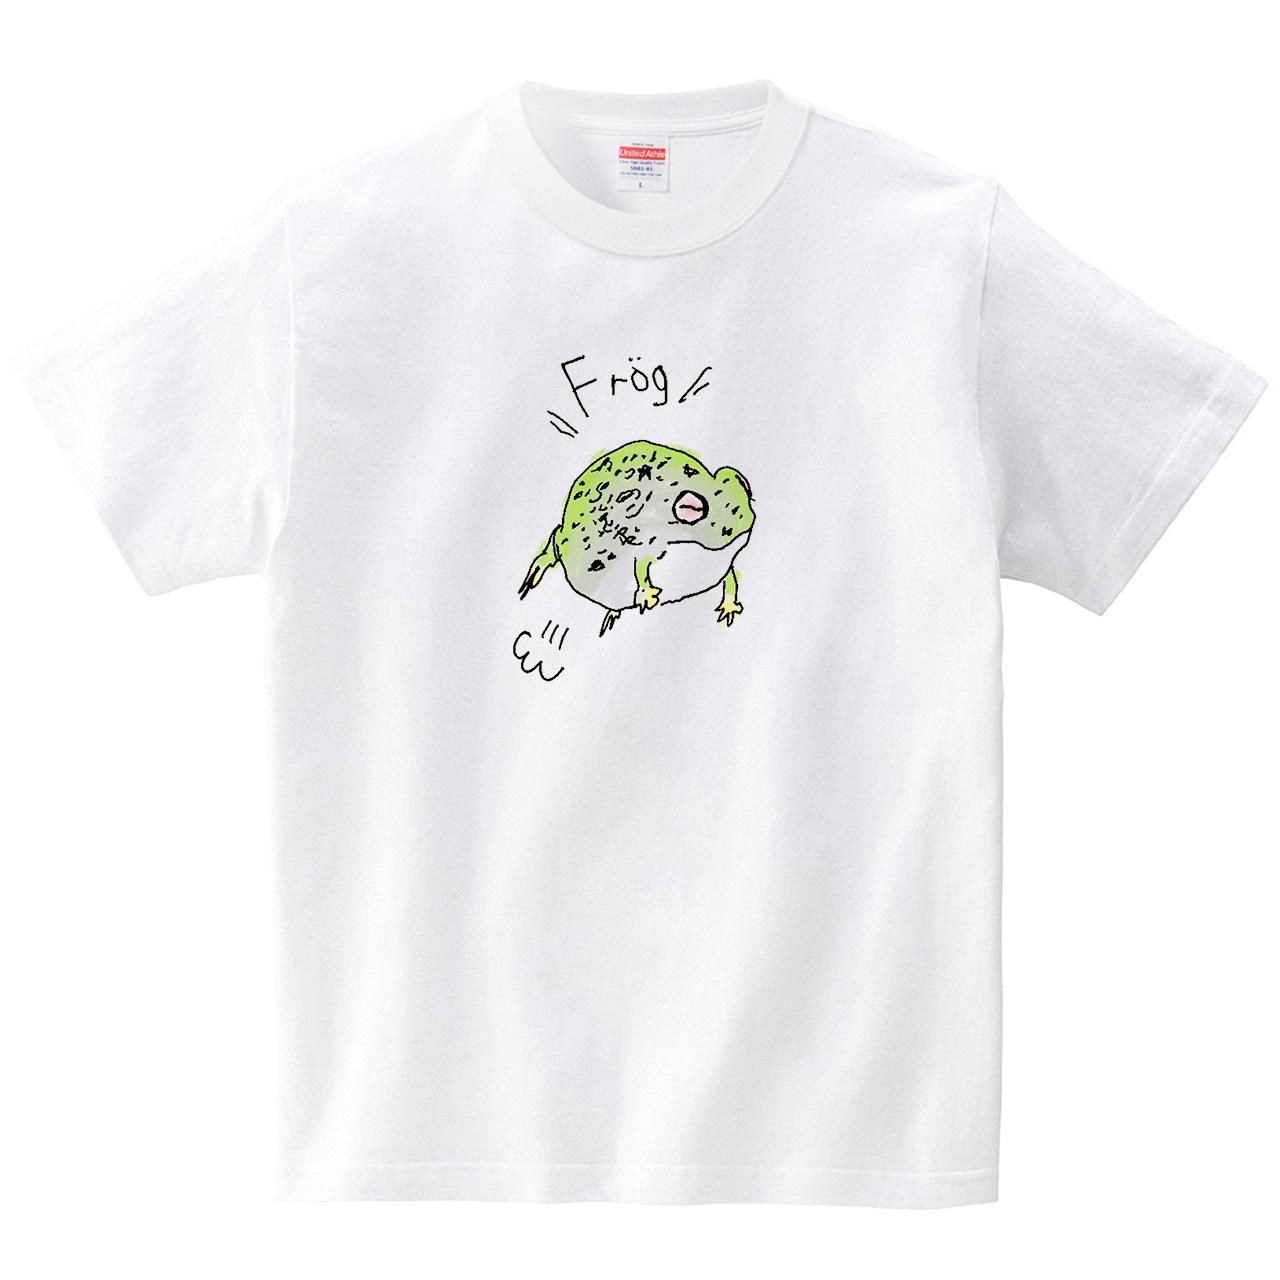 カエル(Tシャツ・ホワイト)(SUMIRE)